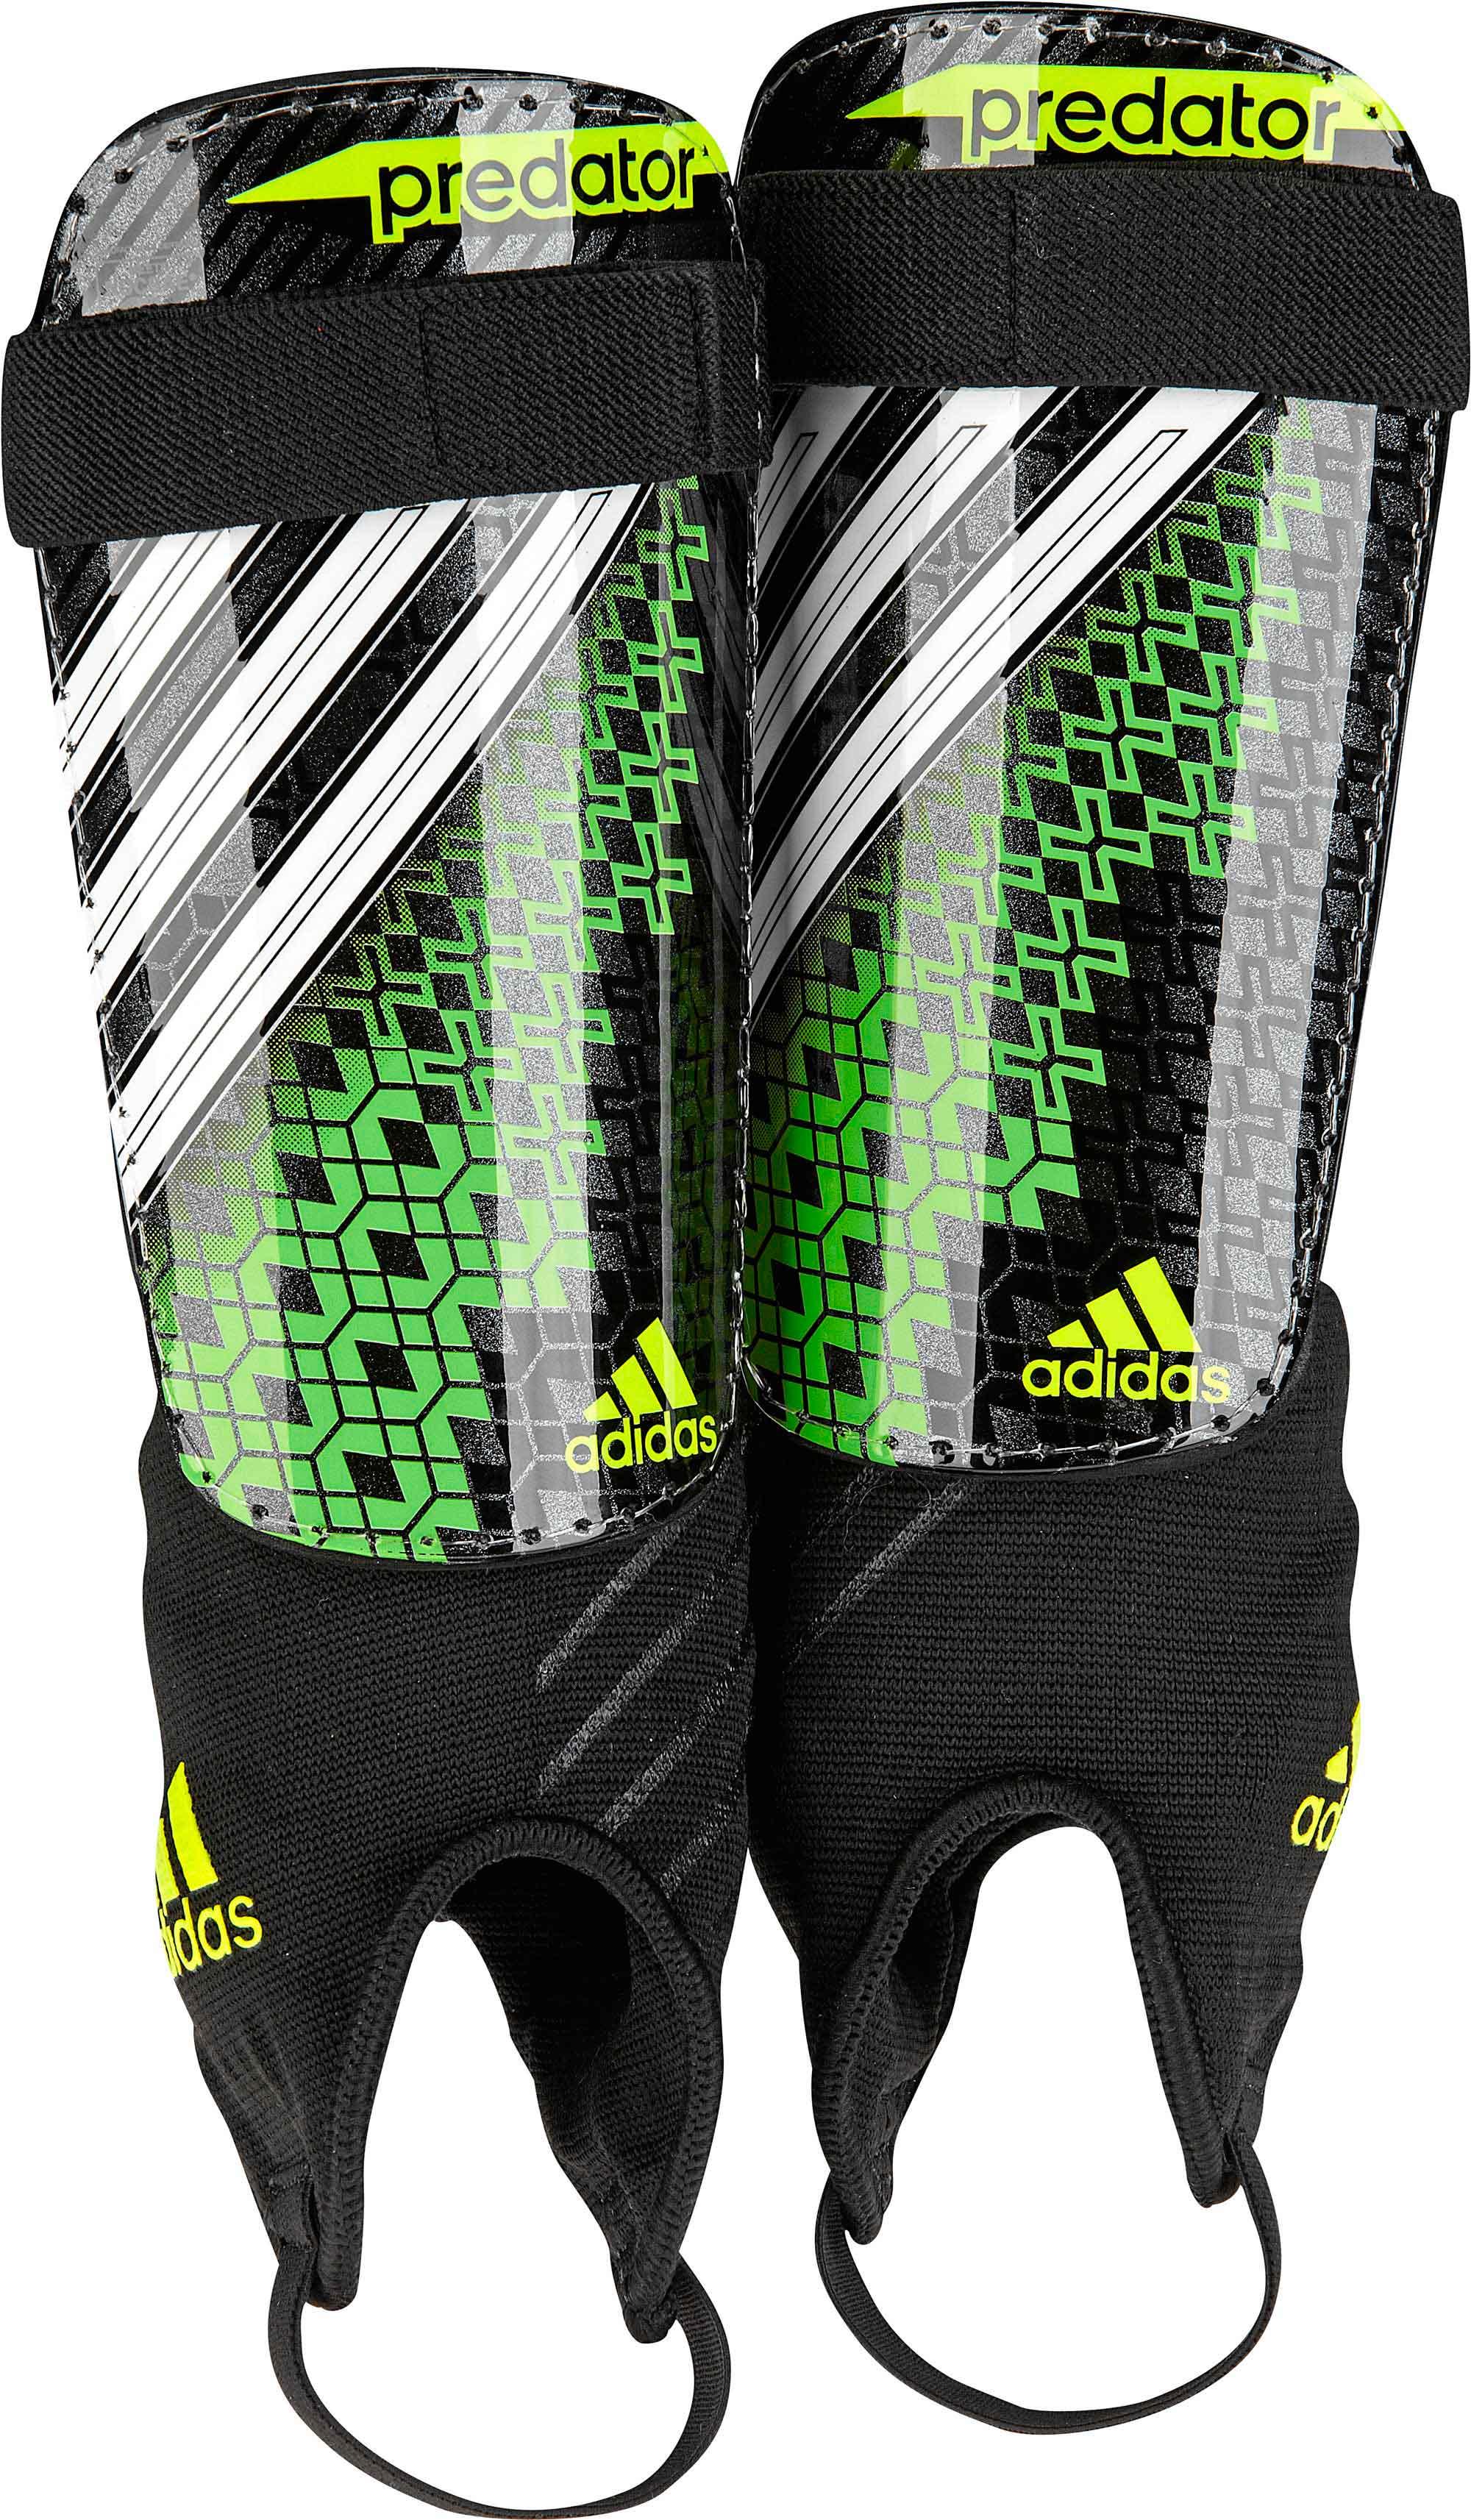 Adidas predator replique fra Adidas sport performance fra billigsport24